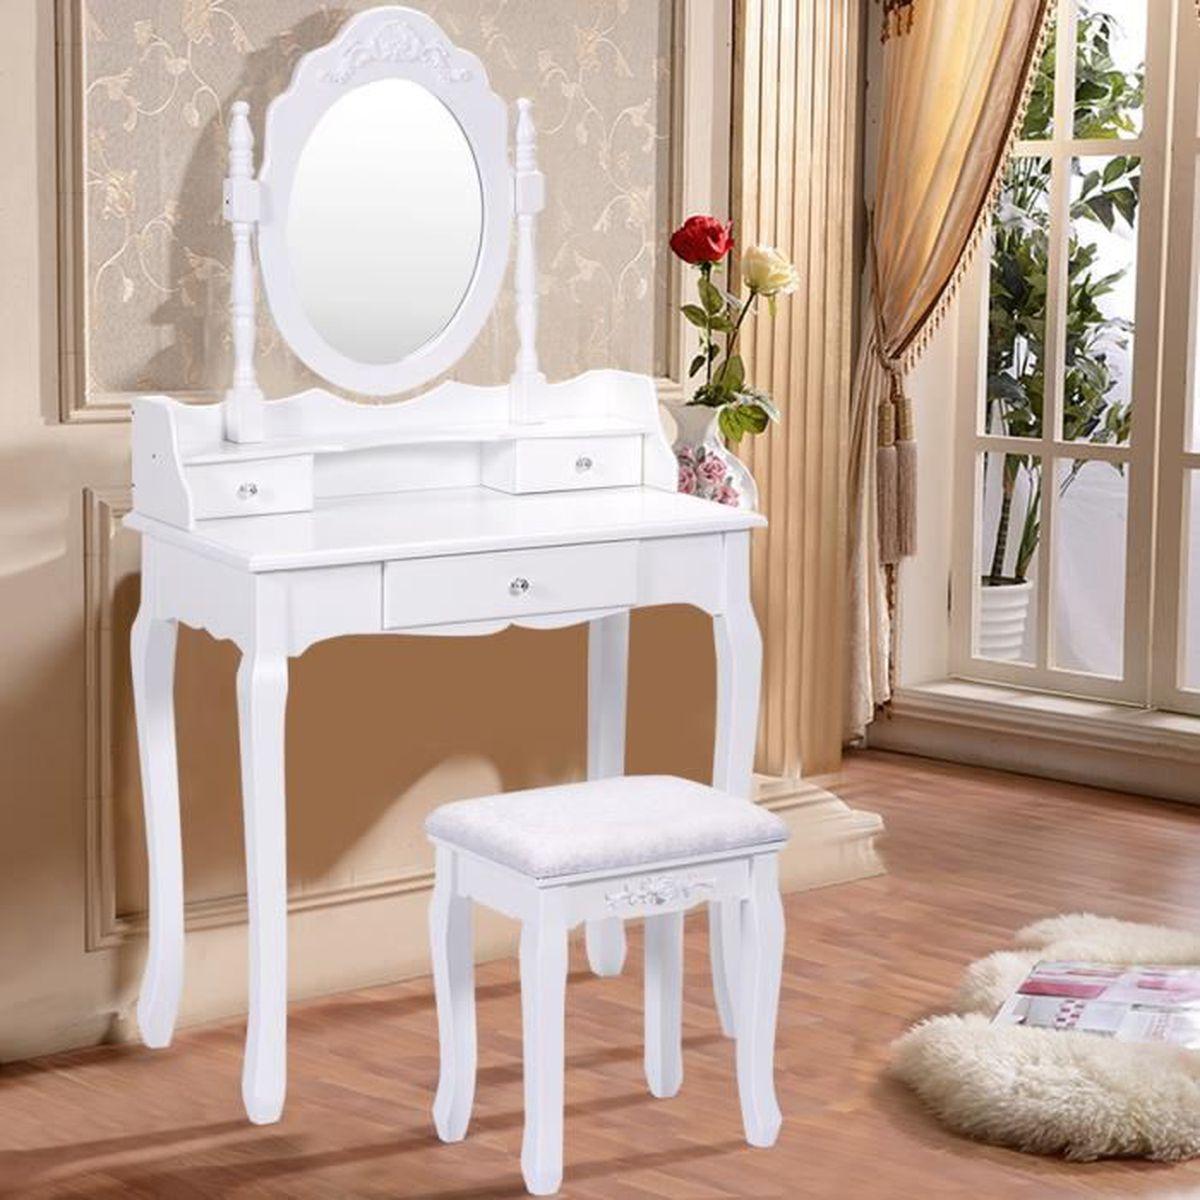 Coiffeuse tabouret avec miroir table de maquillage chambre 3 tiroirs blanc mdf achat vente - Miroir de chambre ...